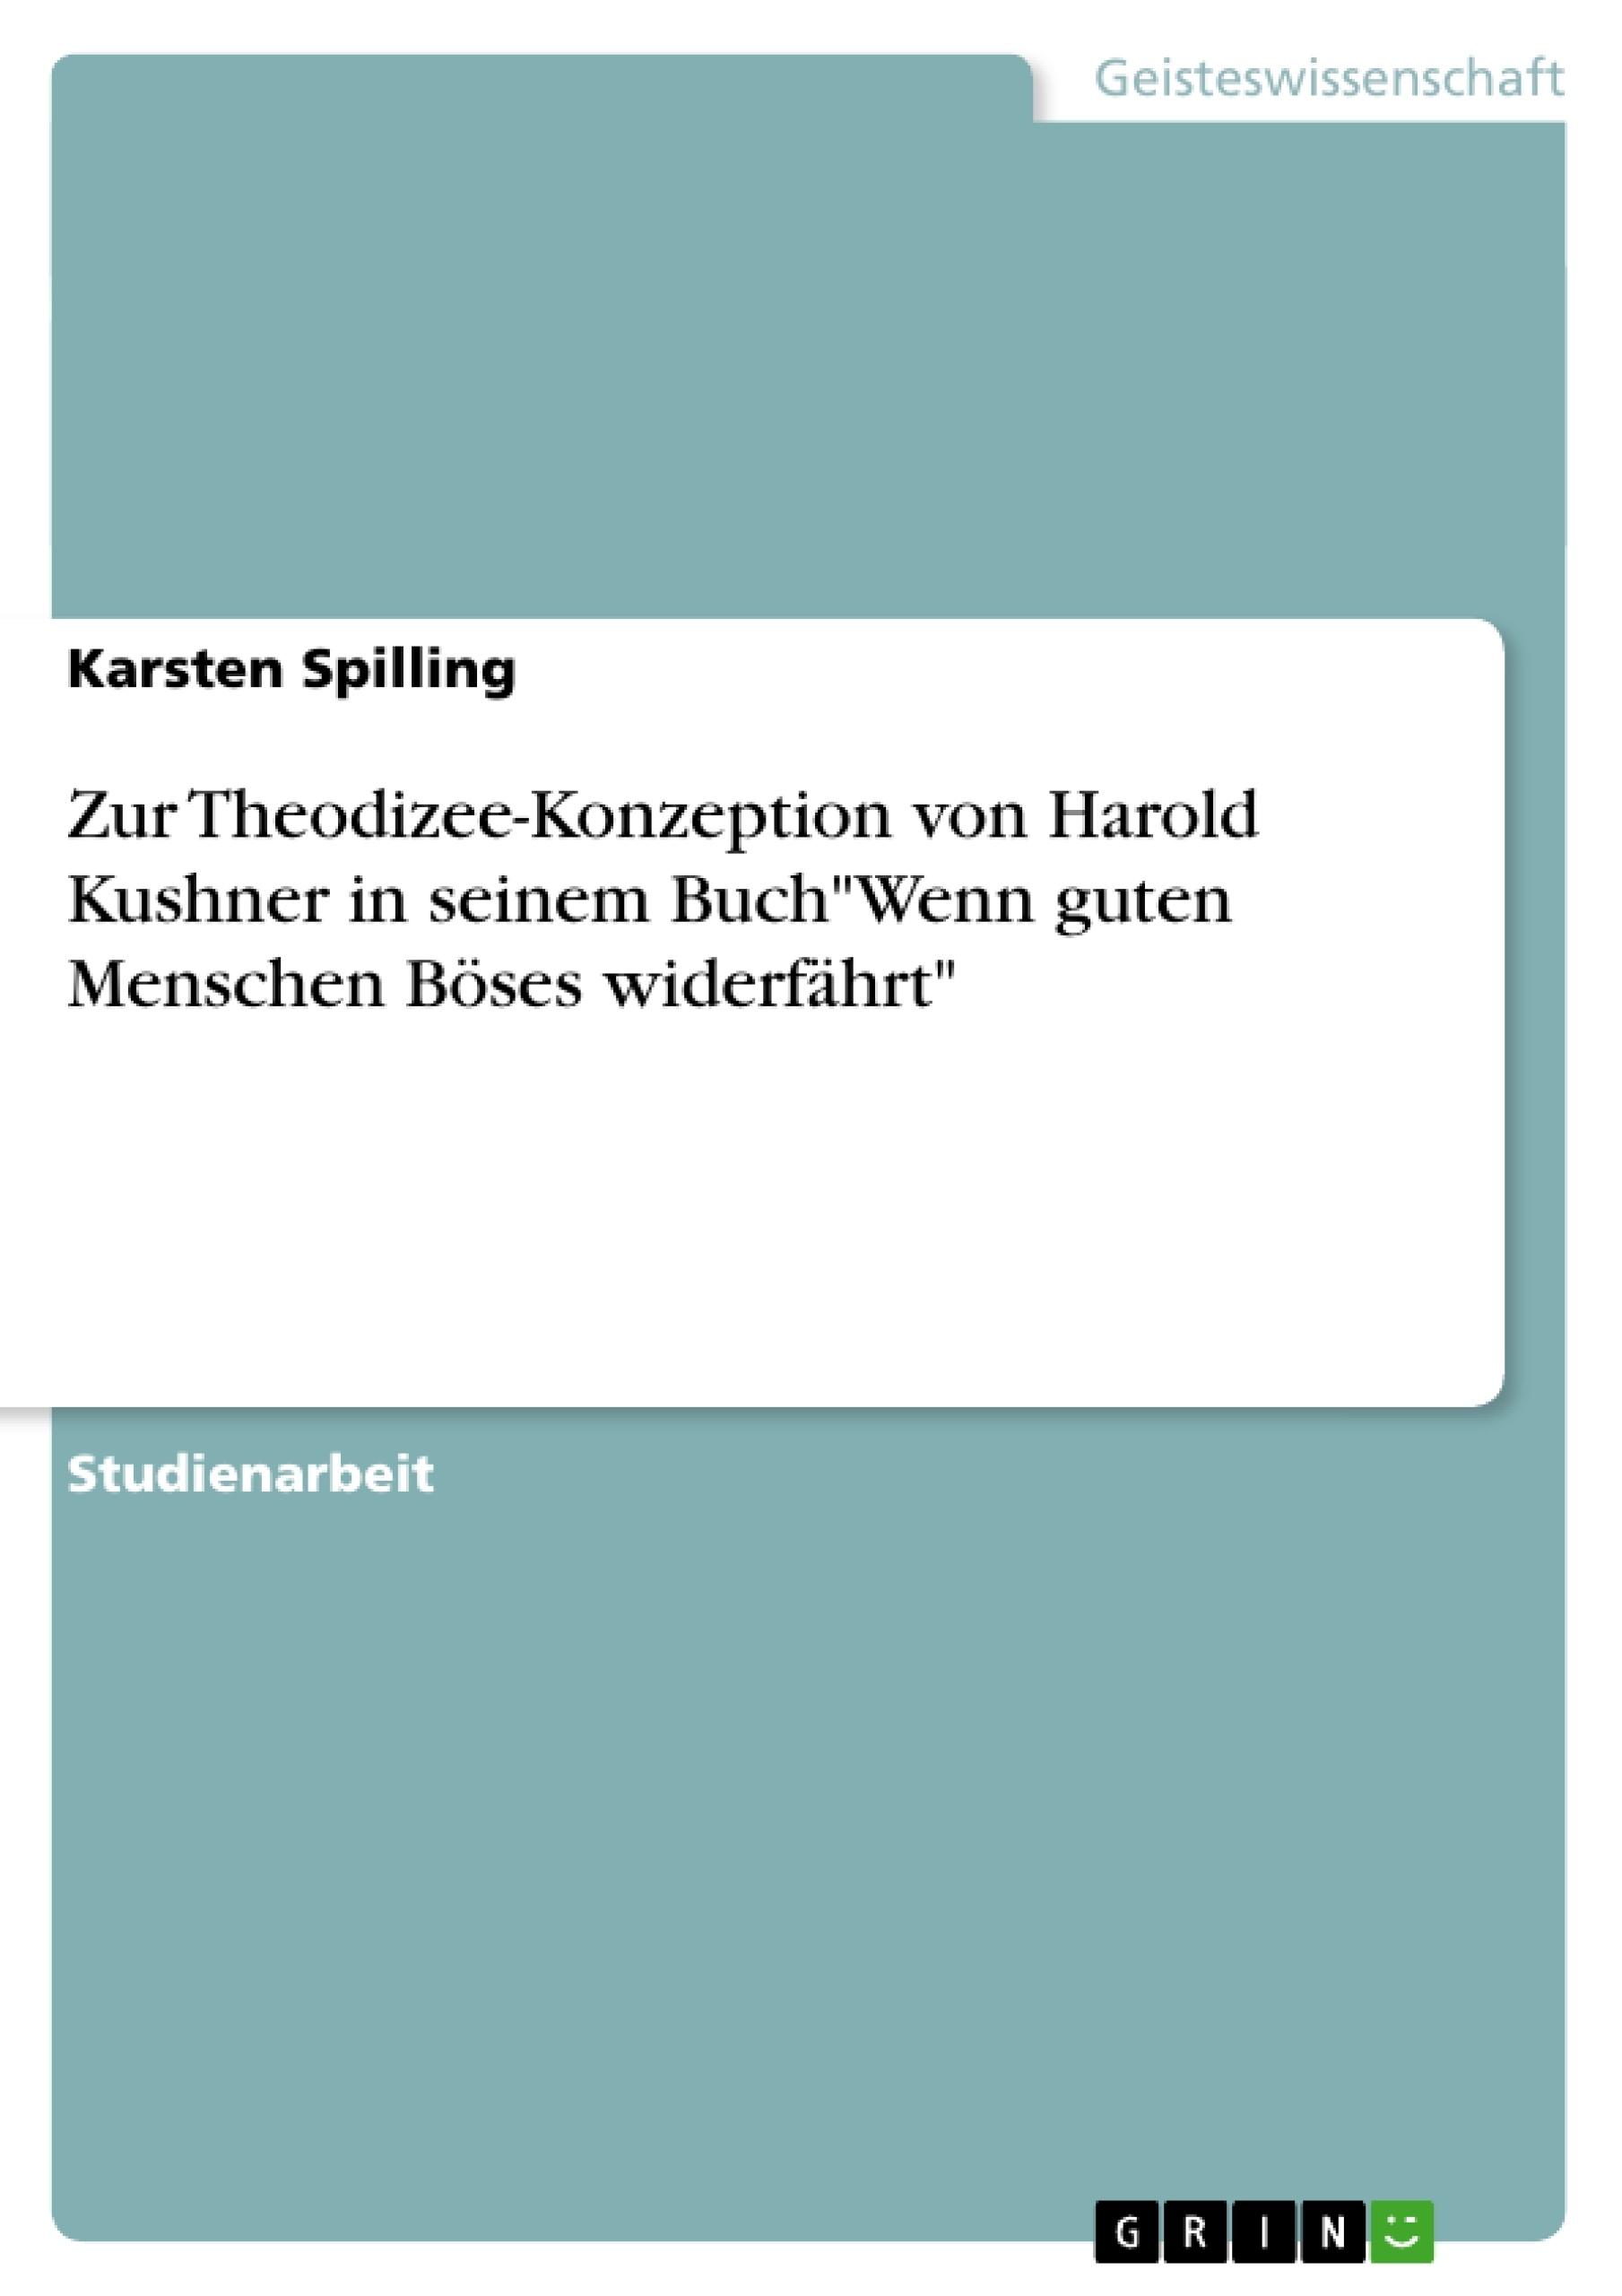 """Titel: Zur Theodizee-Konzeption von Harold Kushner in seinem Buch""""Wenn guten Menschen Böses widerfährt"""""""